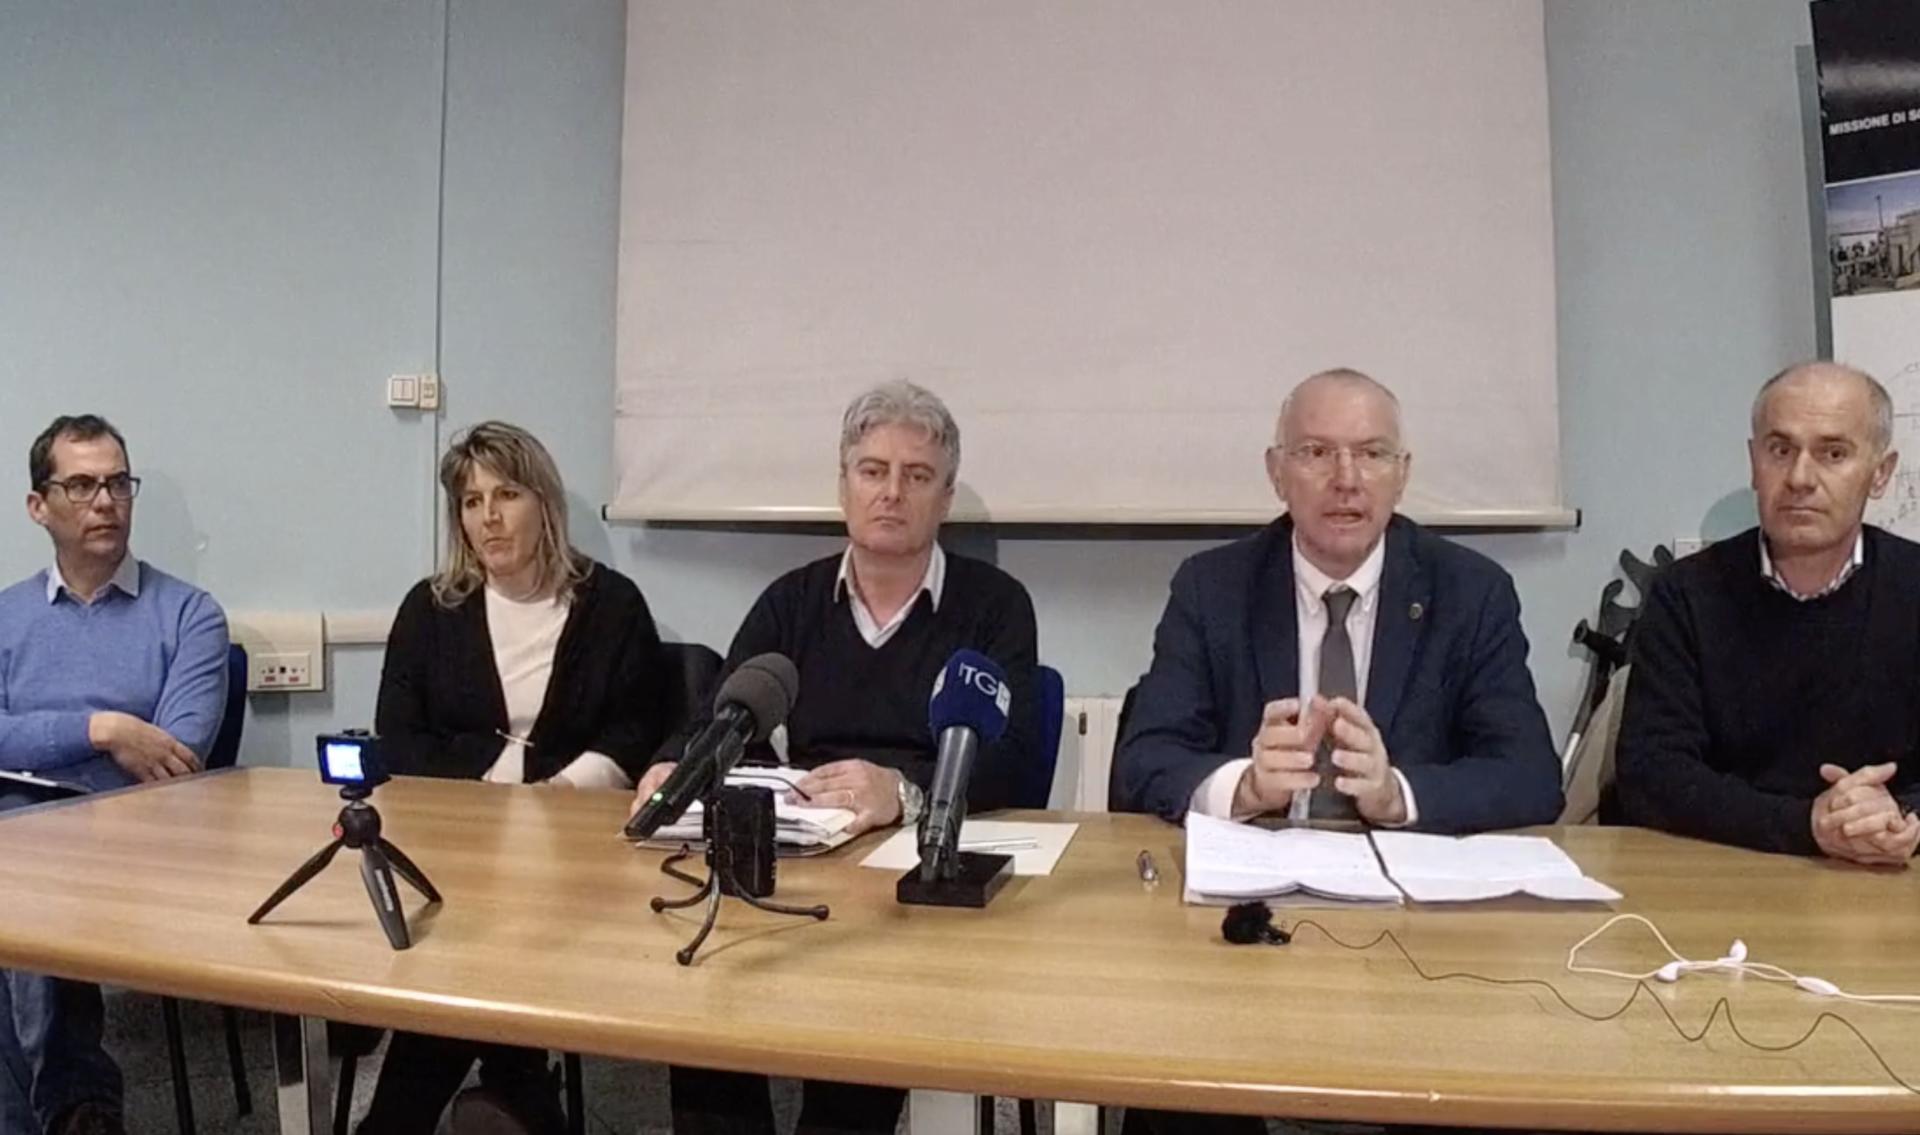 La conferenza stampa dell'Unità di crisi.